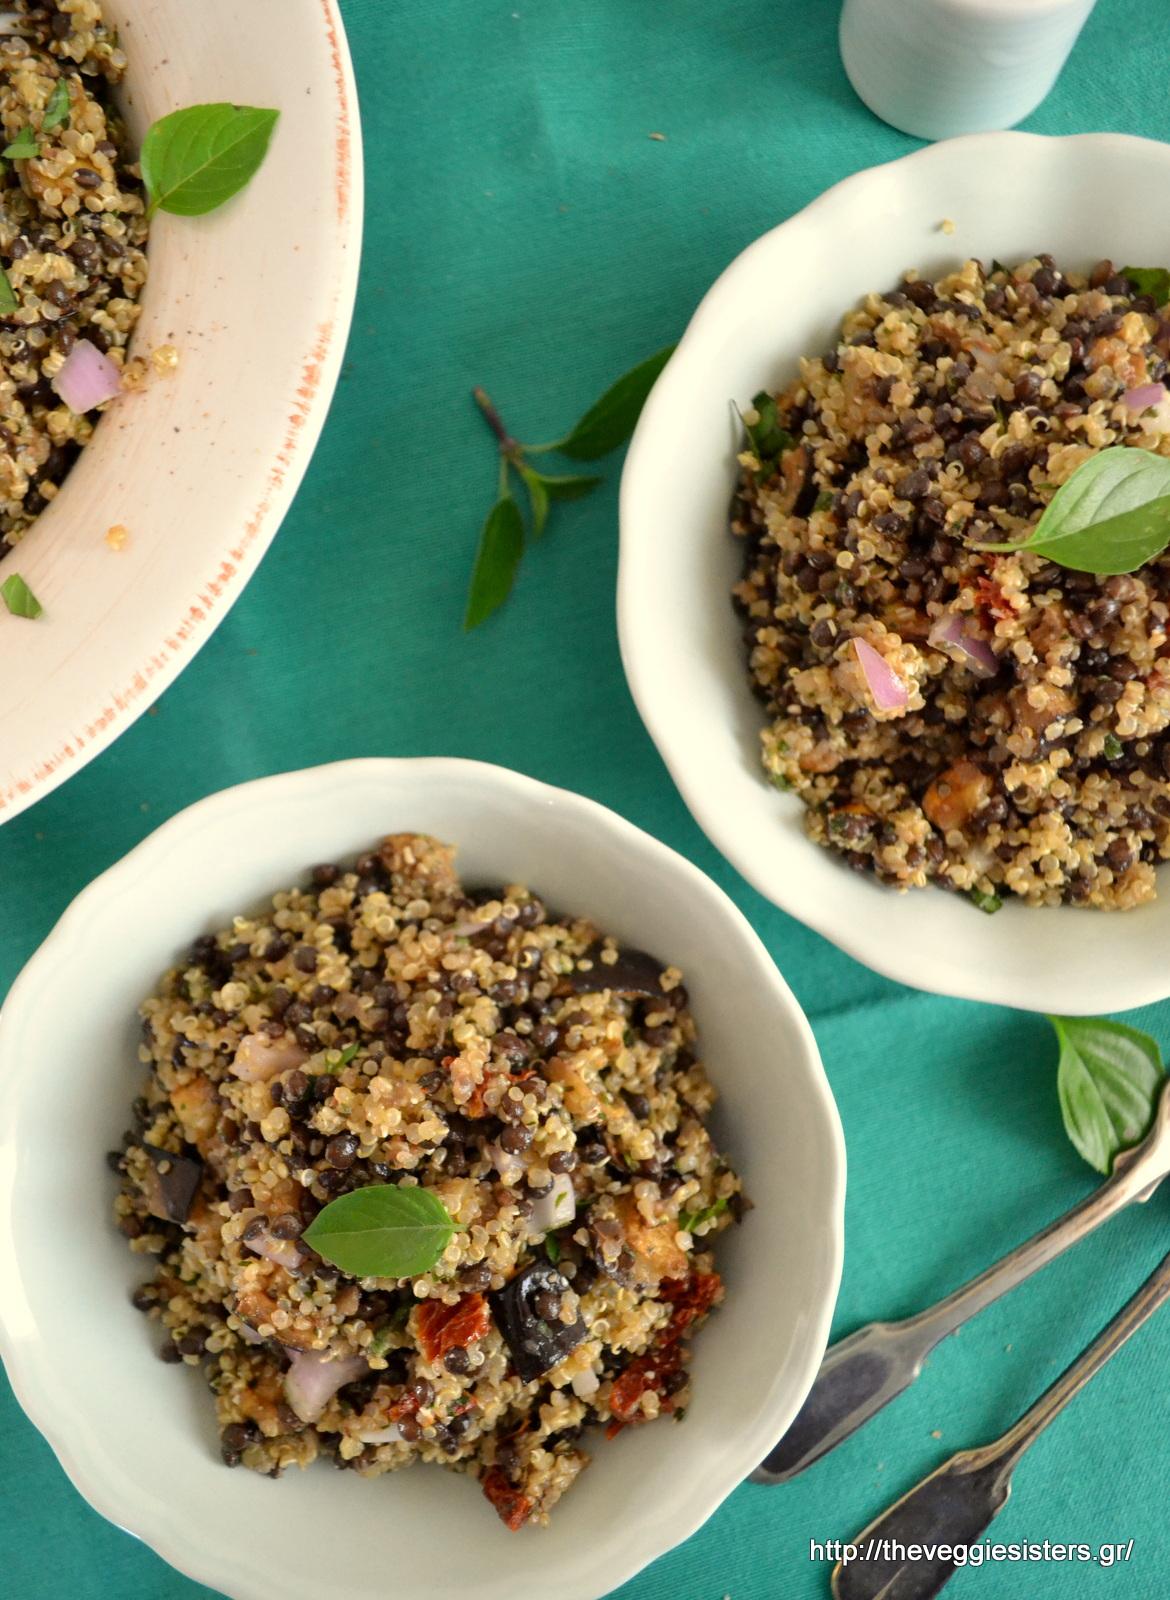 Σαλάτα με κινόα, φακές και ψητή μελιτζάνα